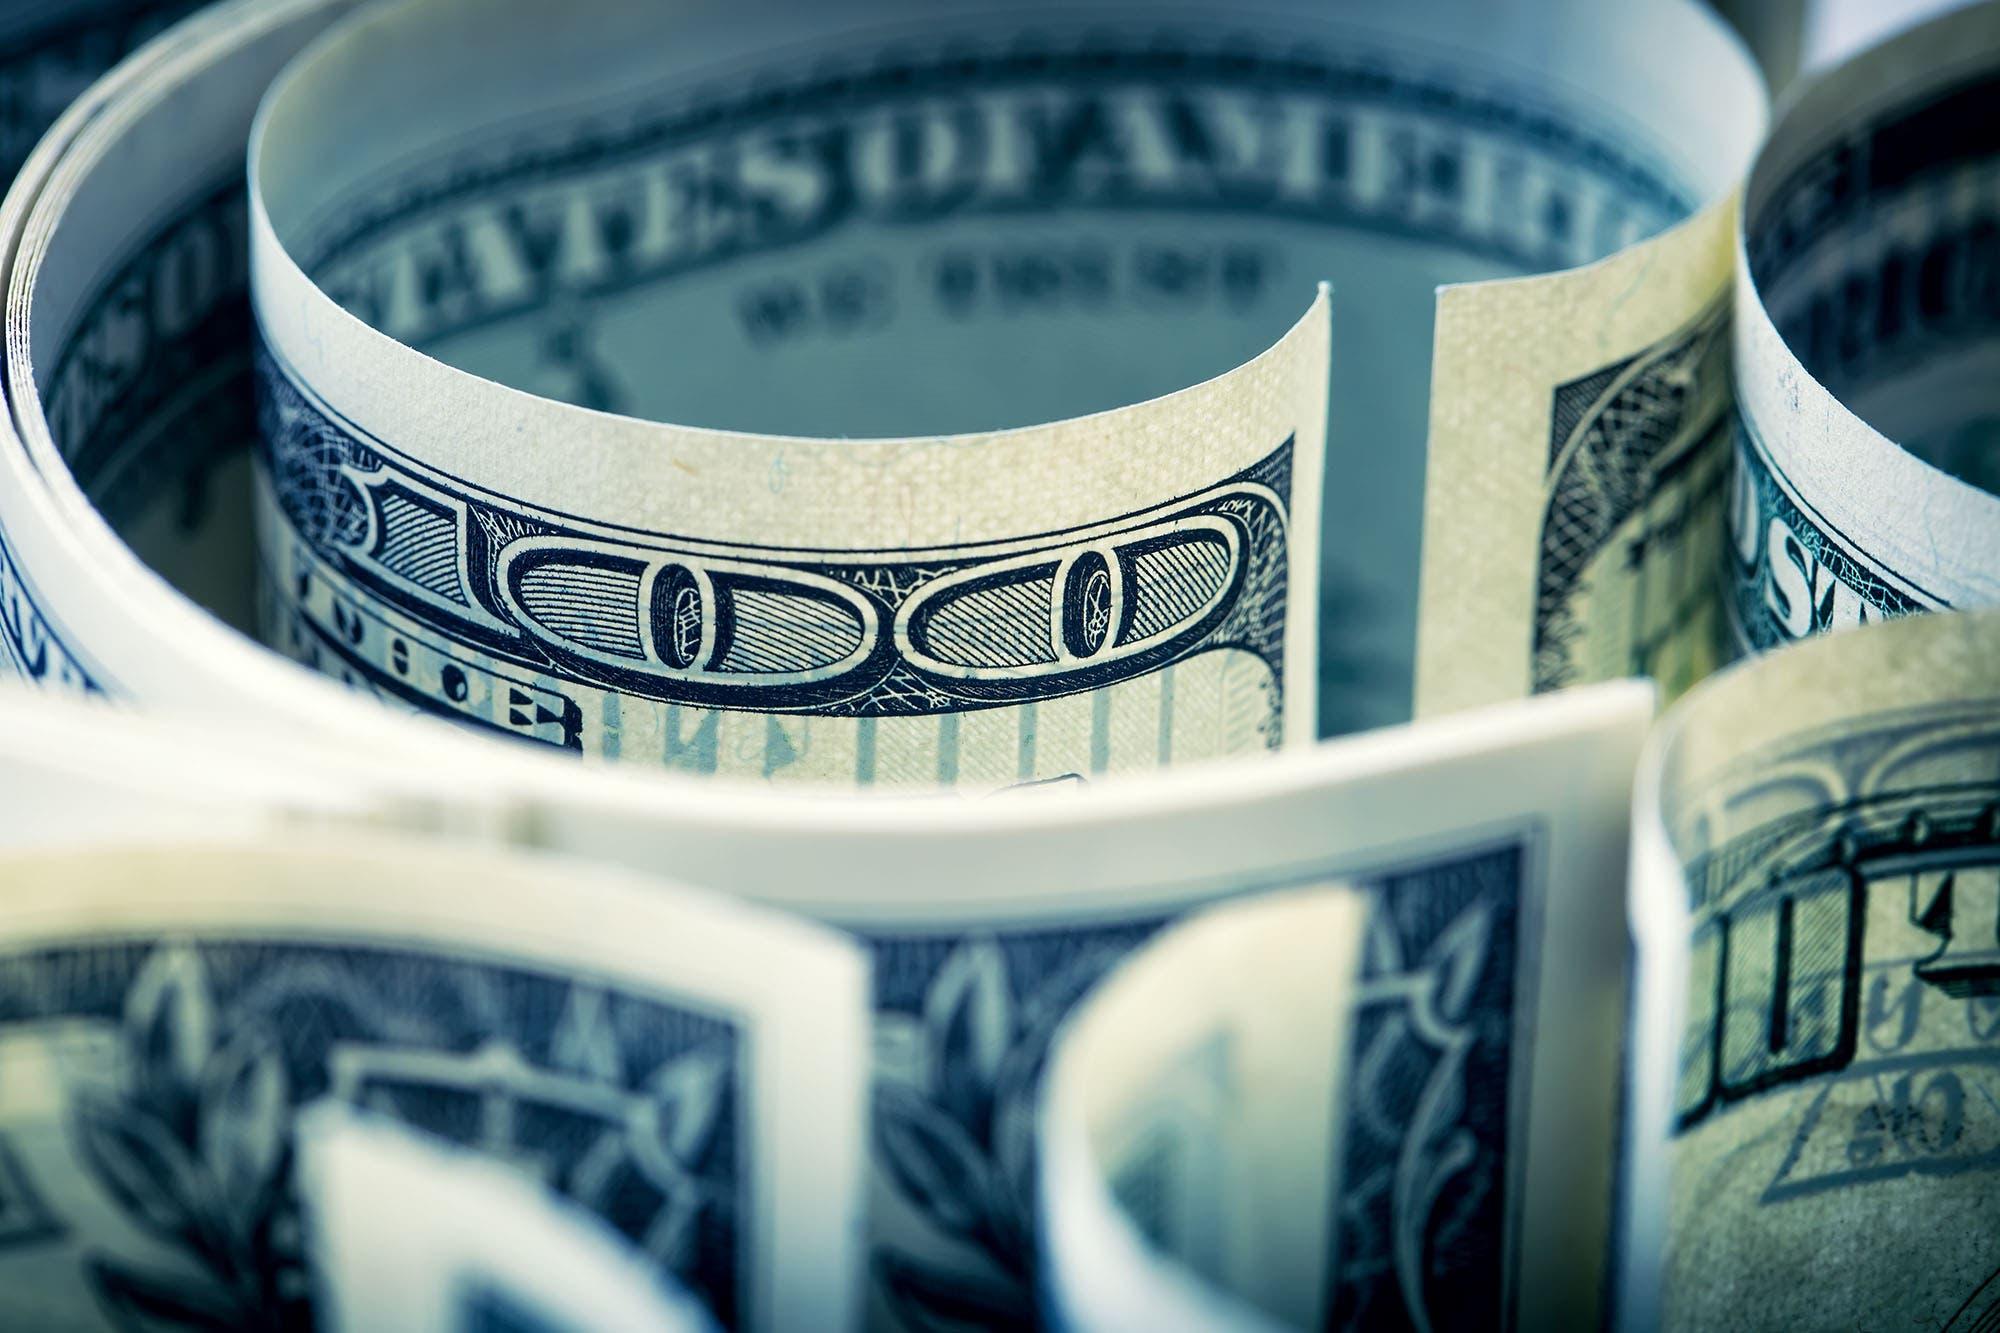 Dólar ahorro. Los bancos reanudan hoy la venta tras ocho días de parate